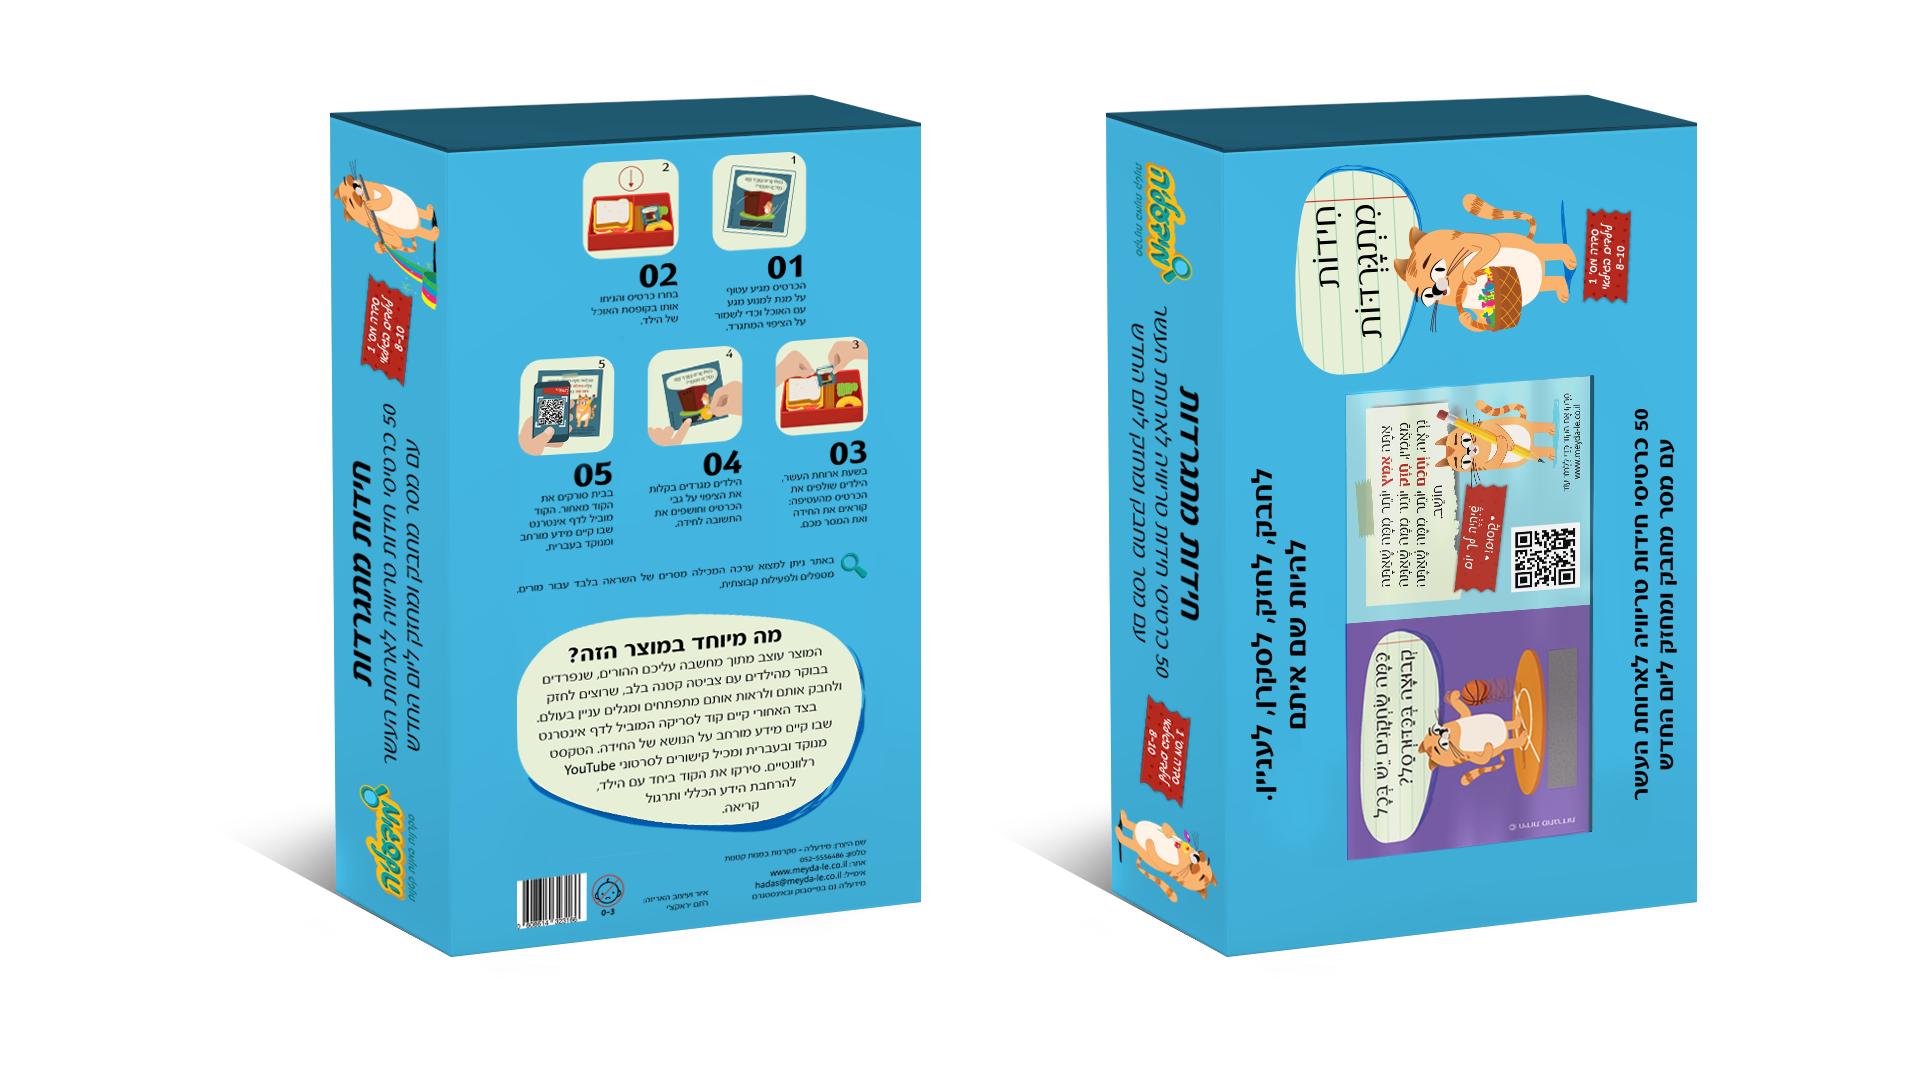 מידעלה עיצוב משחק טריוויה - חידות מתגרדות - רתם יראקצי